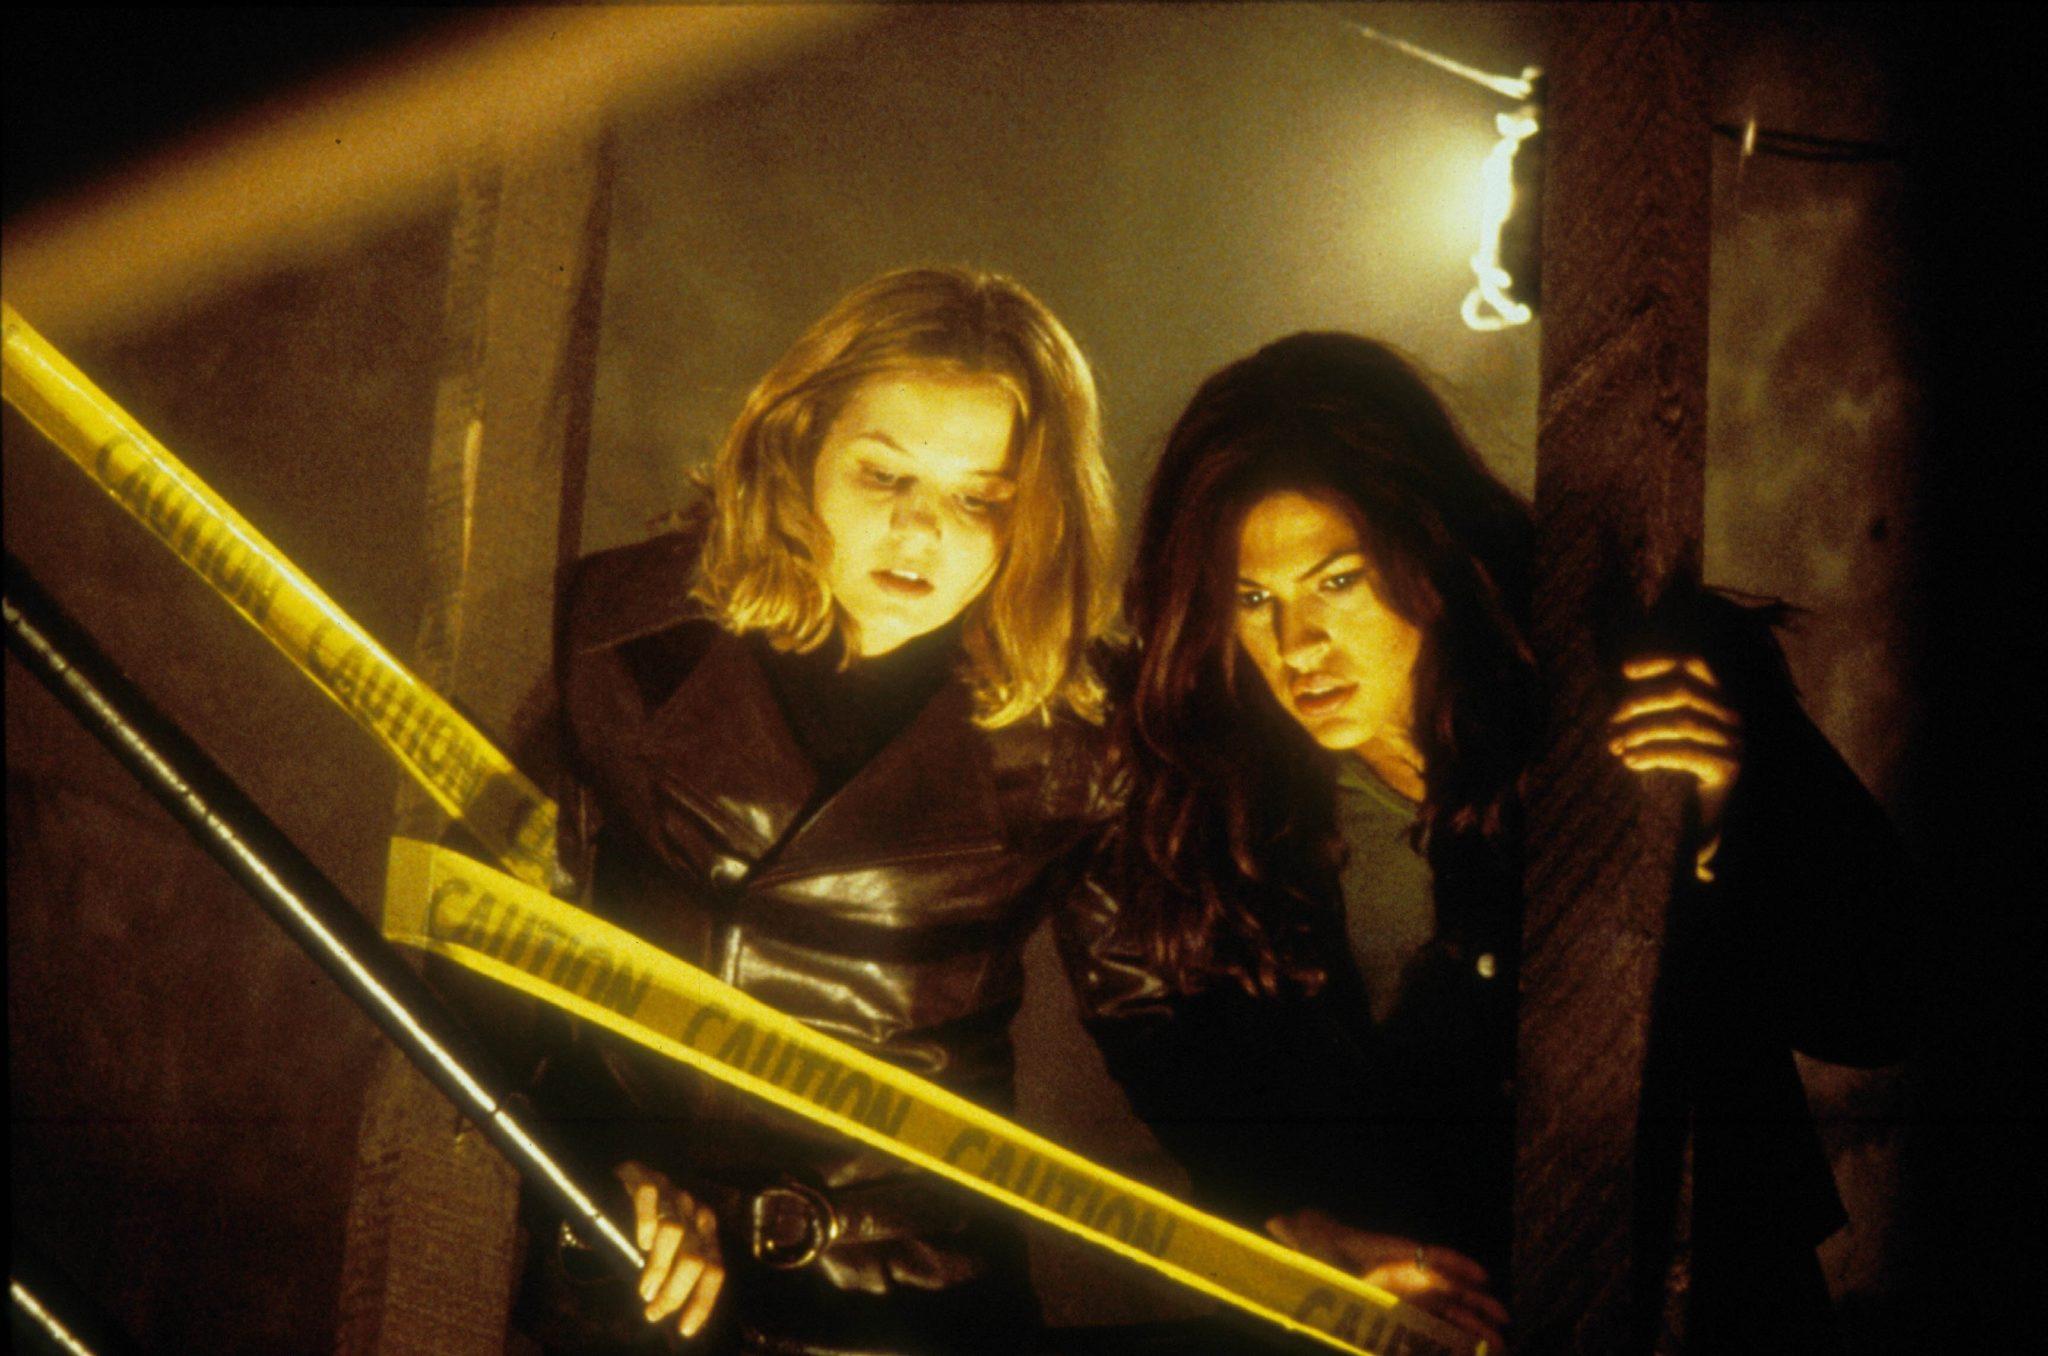 Jennifer Morrison als Amy und Eva Mendes als Vanessa blicken ein Treppenhaus hinunter in Duestere Legenden 2.